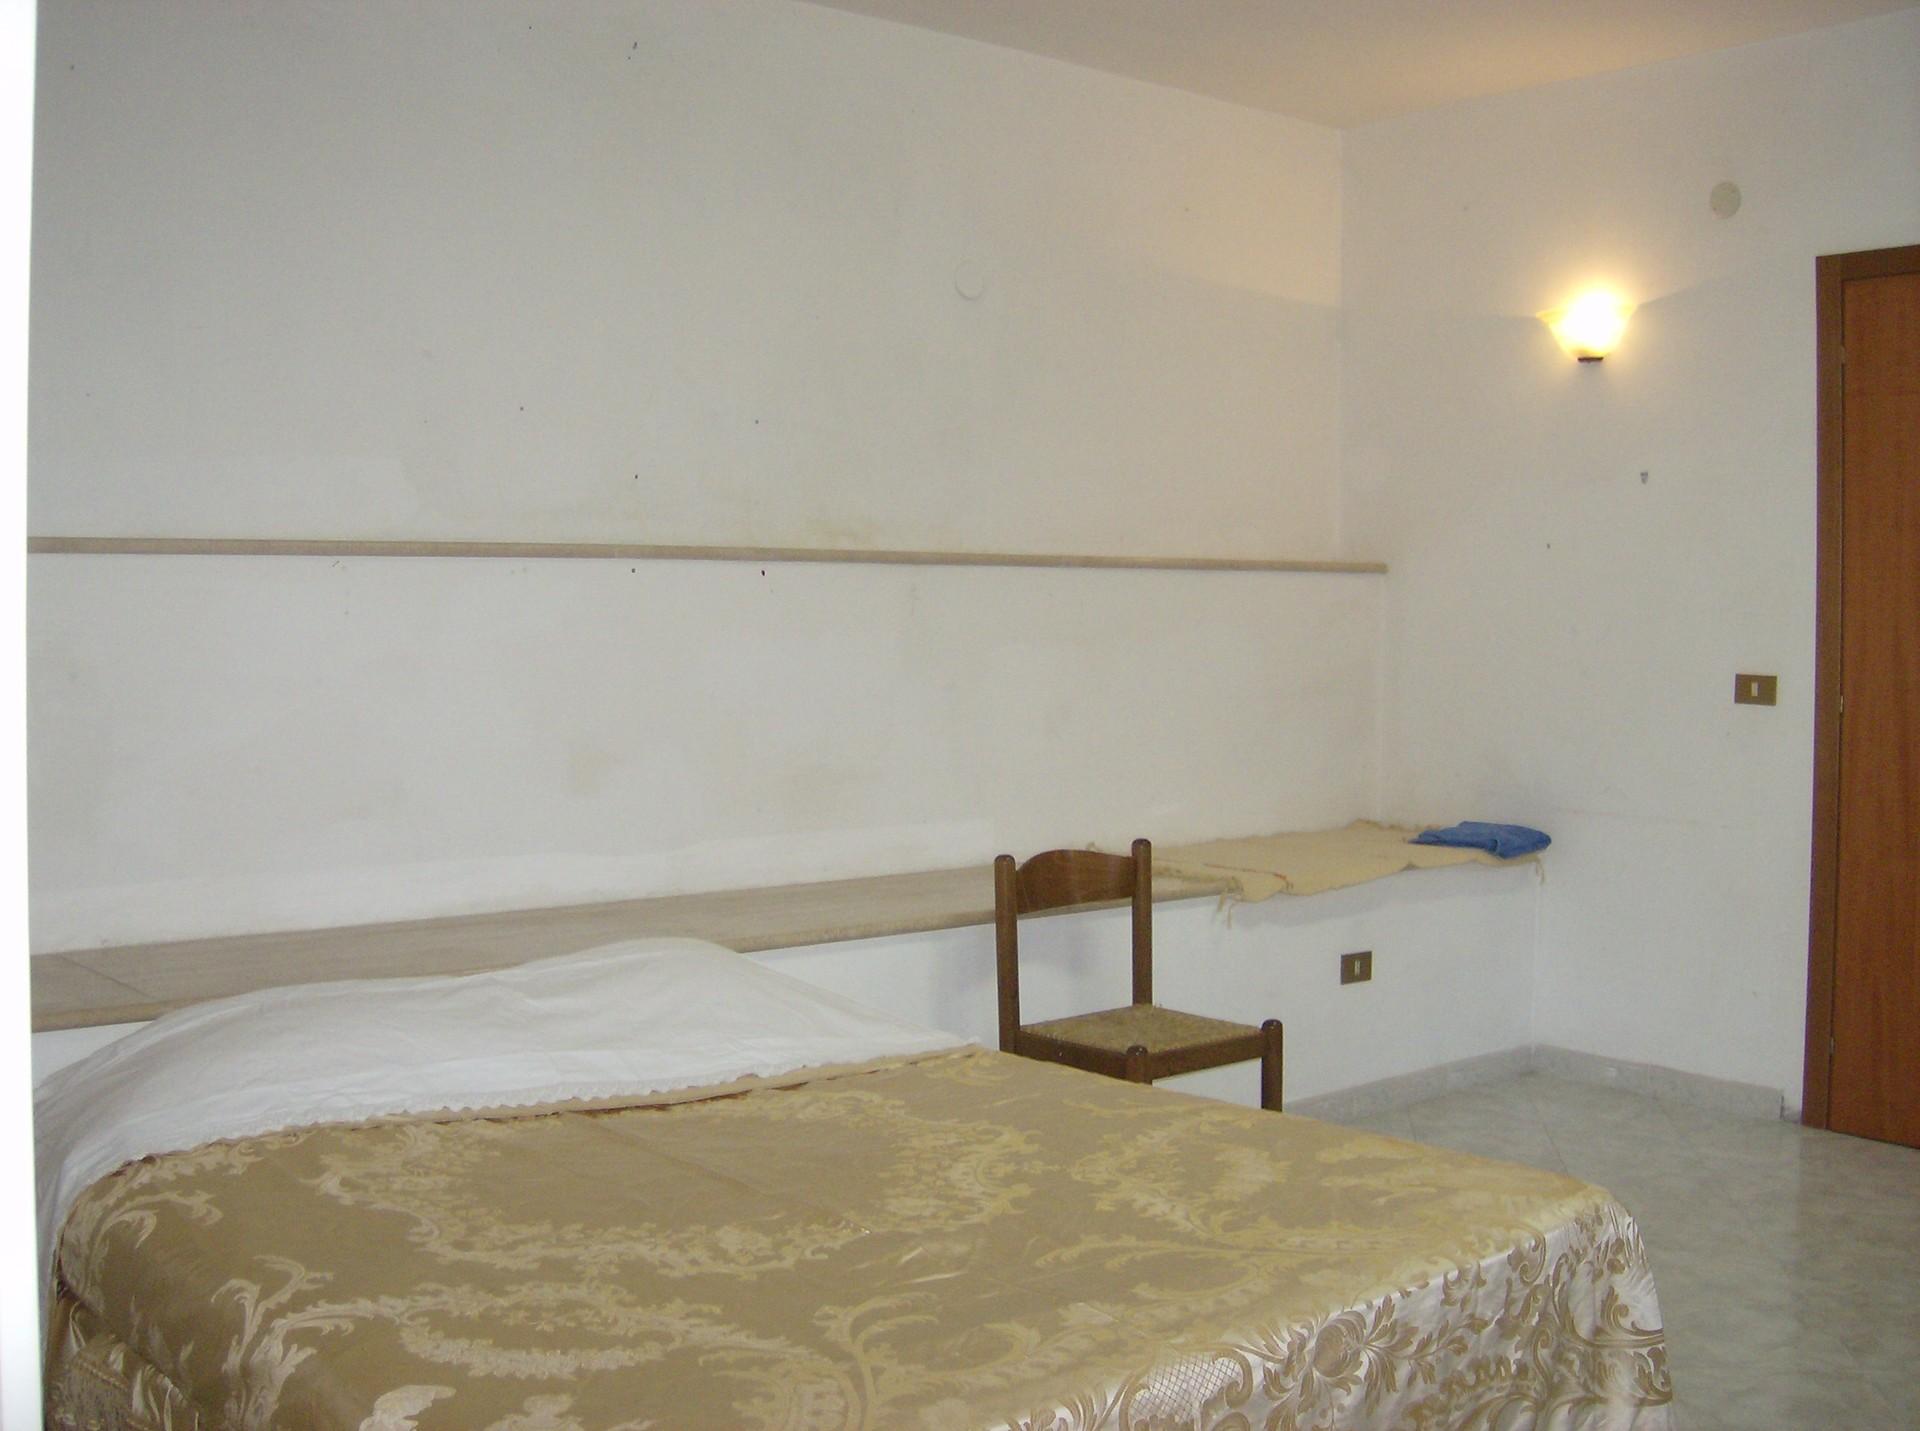 Monolocale con angolo cottura bagno e spazio esterno for Monolocale arredato salerno